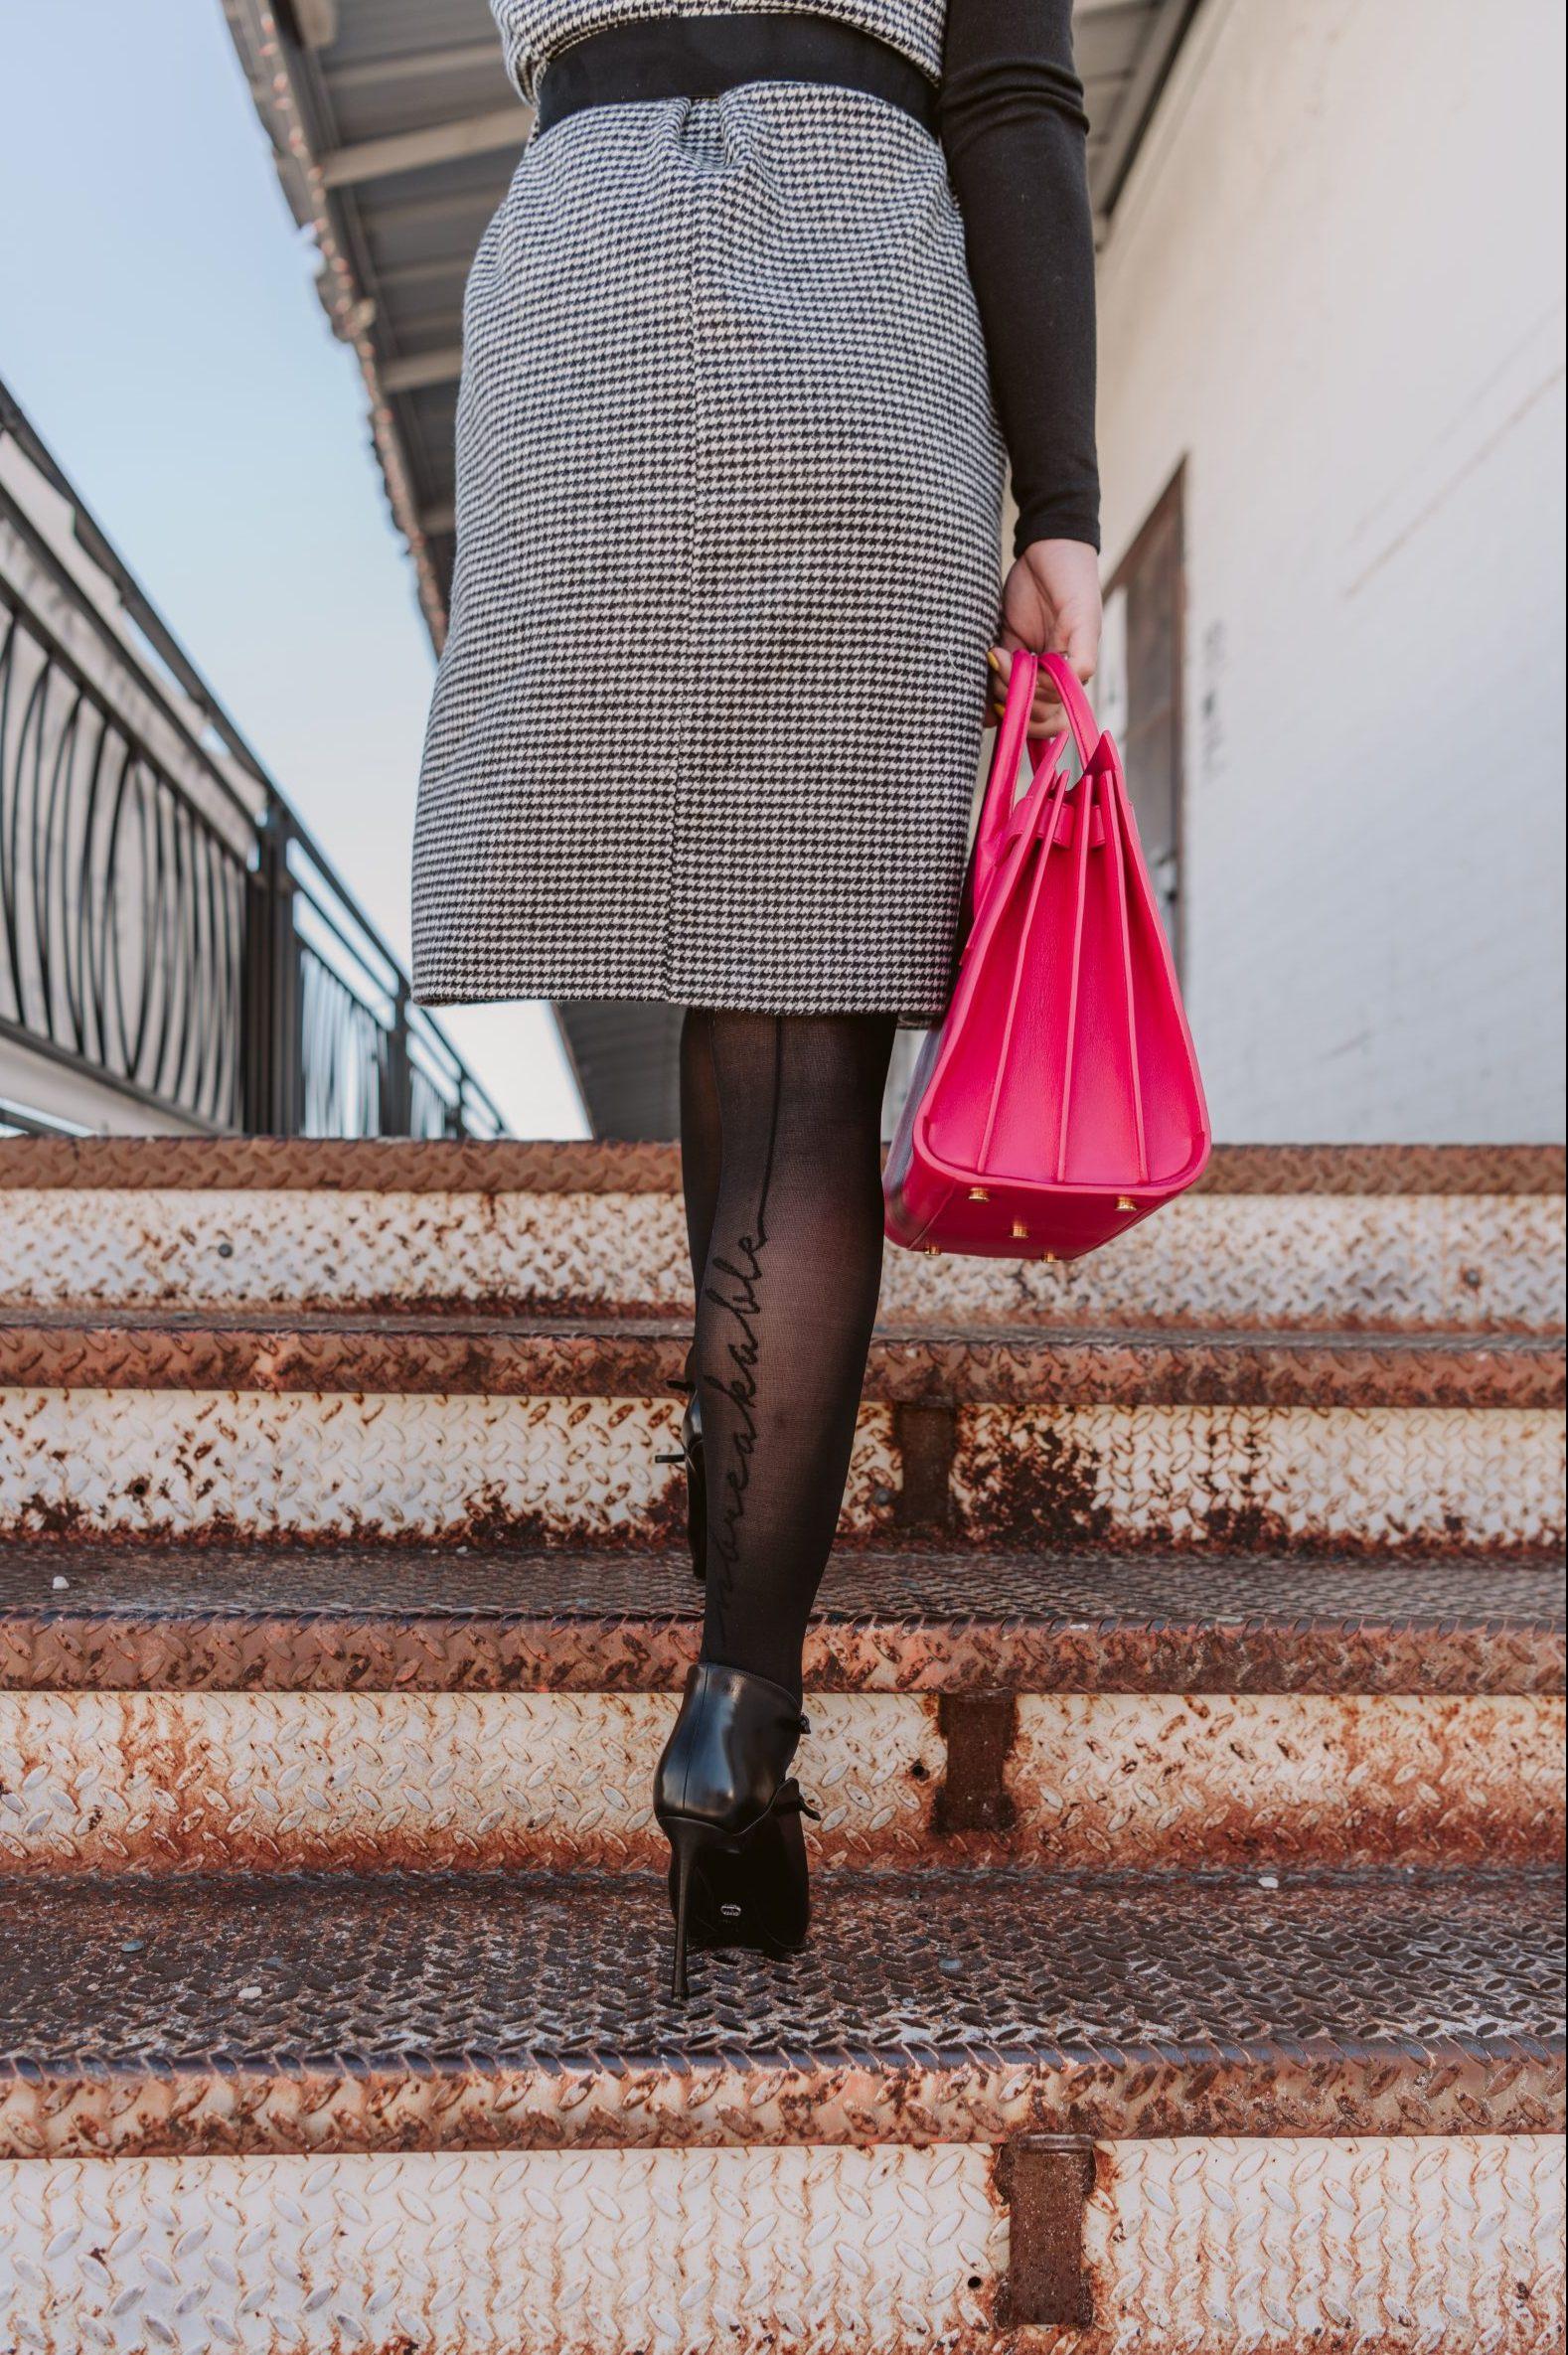 Elly Brown wears Sheertex tights with black heels